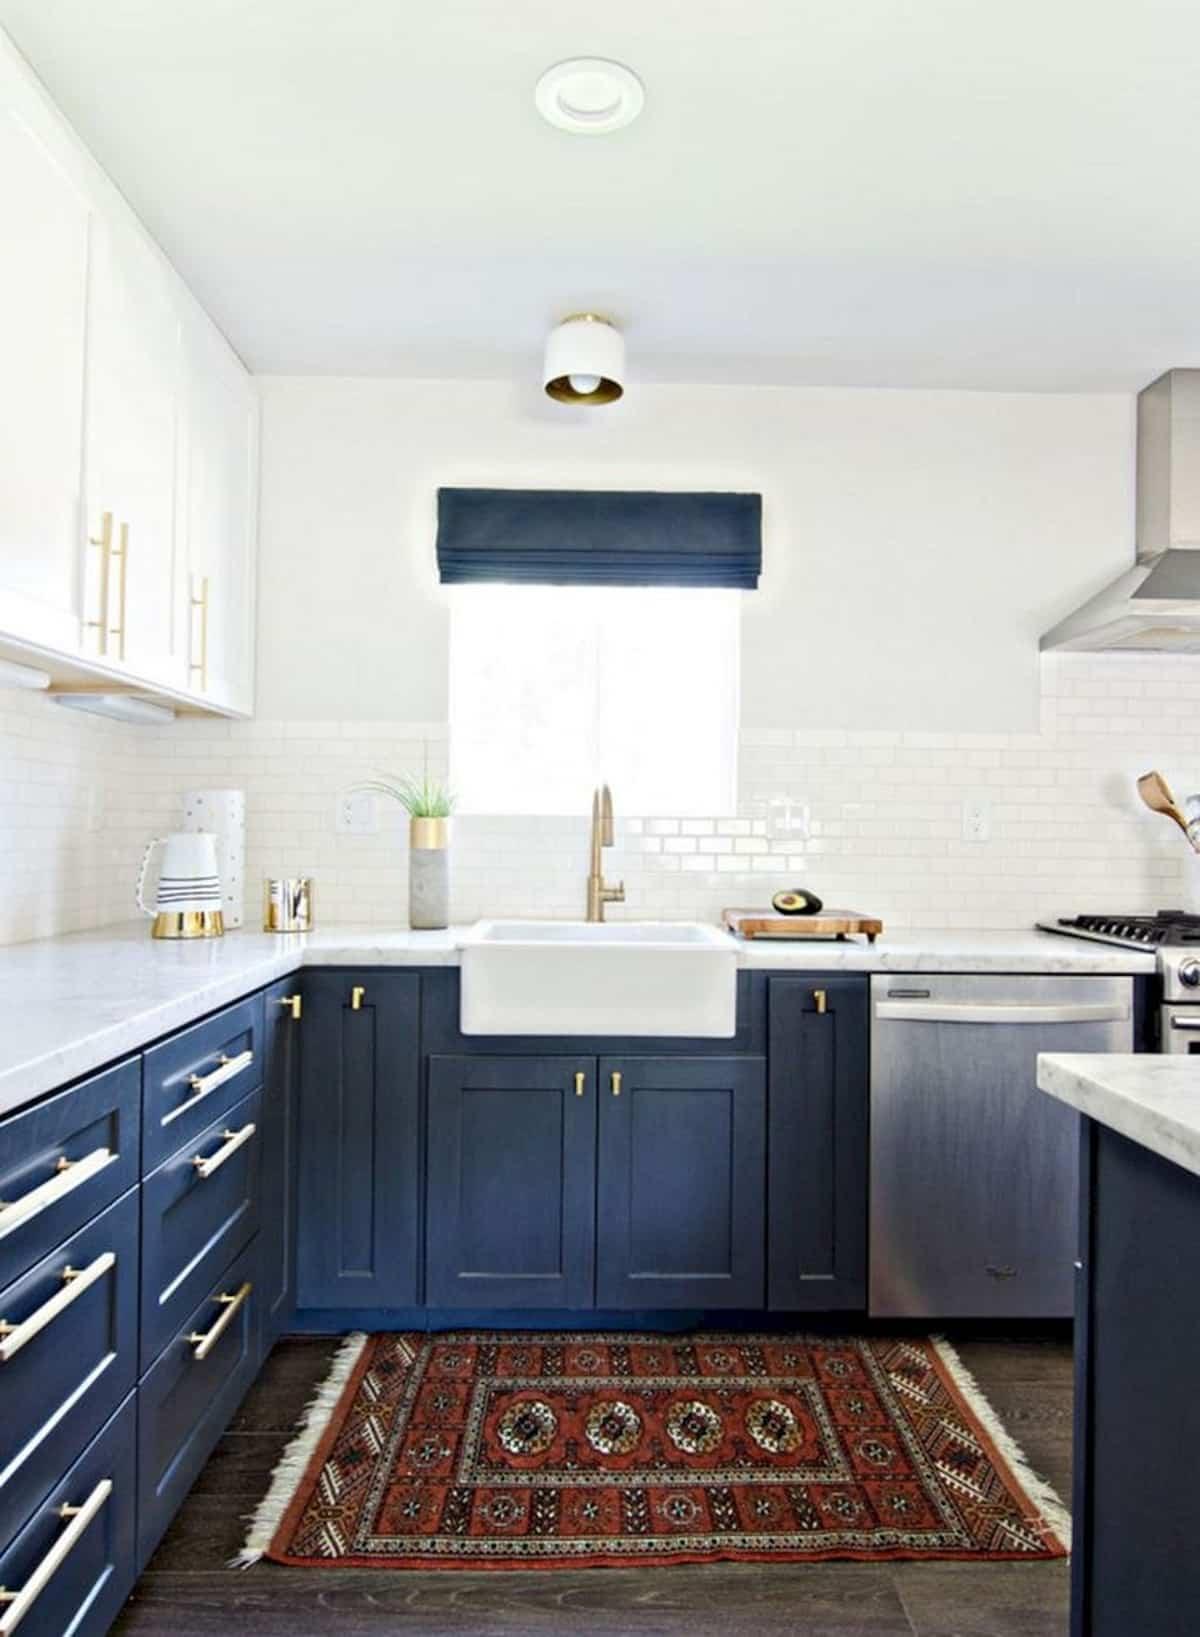 como renovar la cocina sin gastar mucho dinero 5